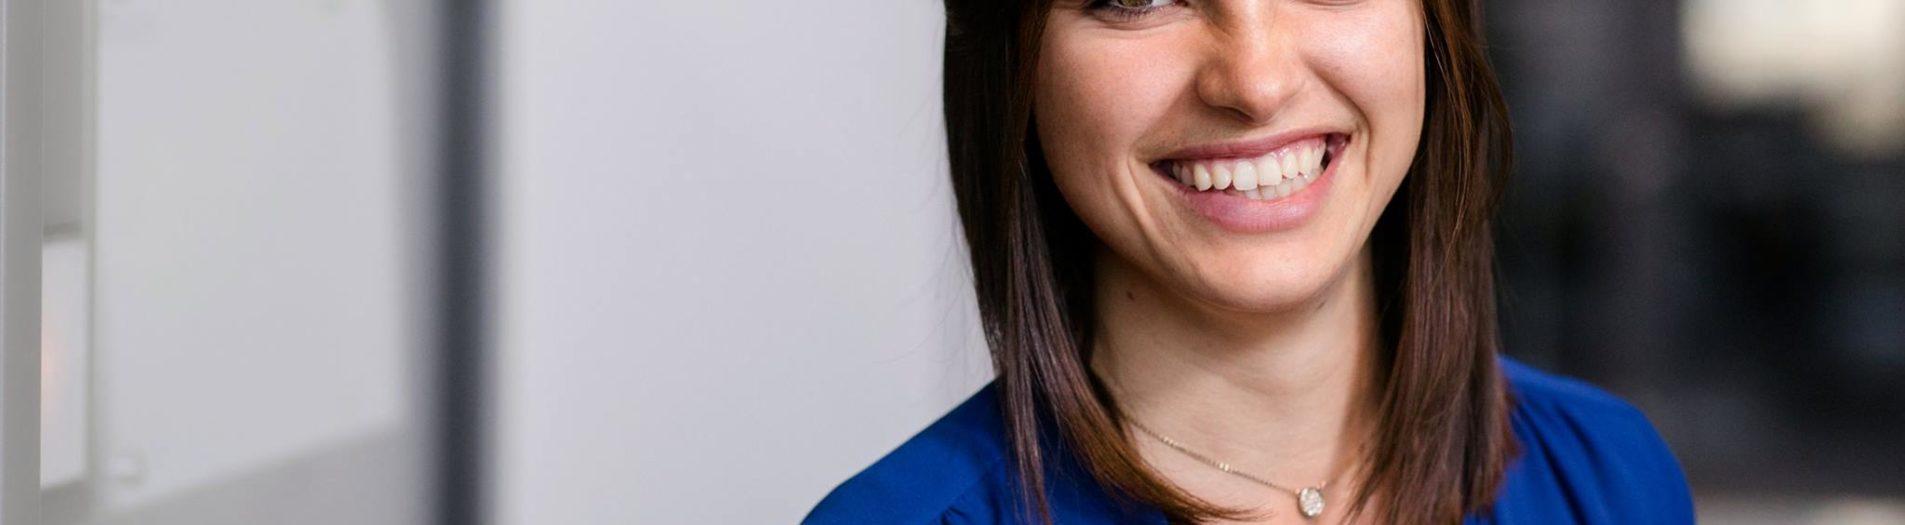 Ein paar generelle Tipps für Bewerbungsanschreiben - DO's und DON'Ts